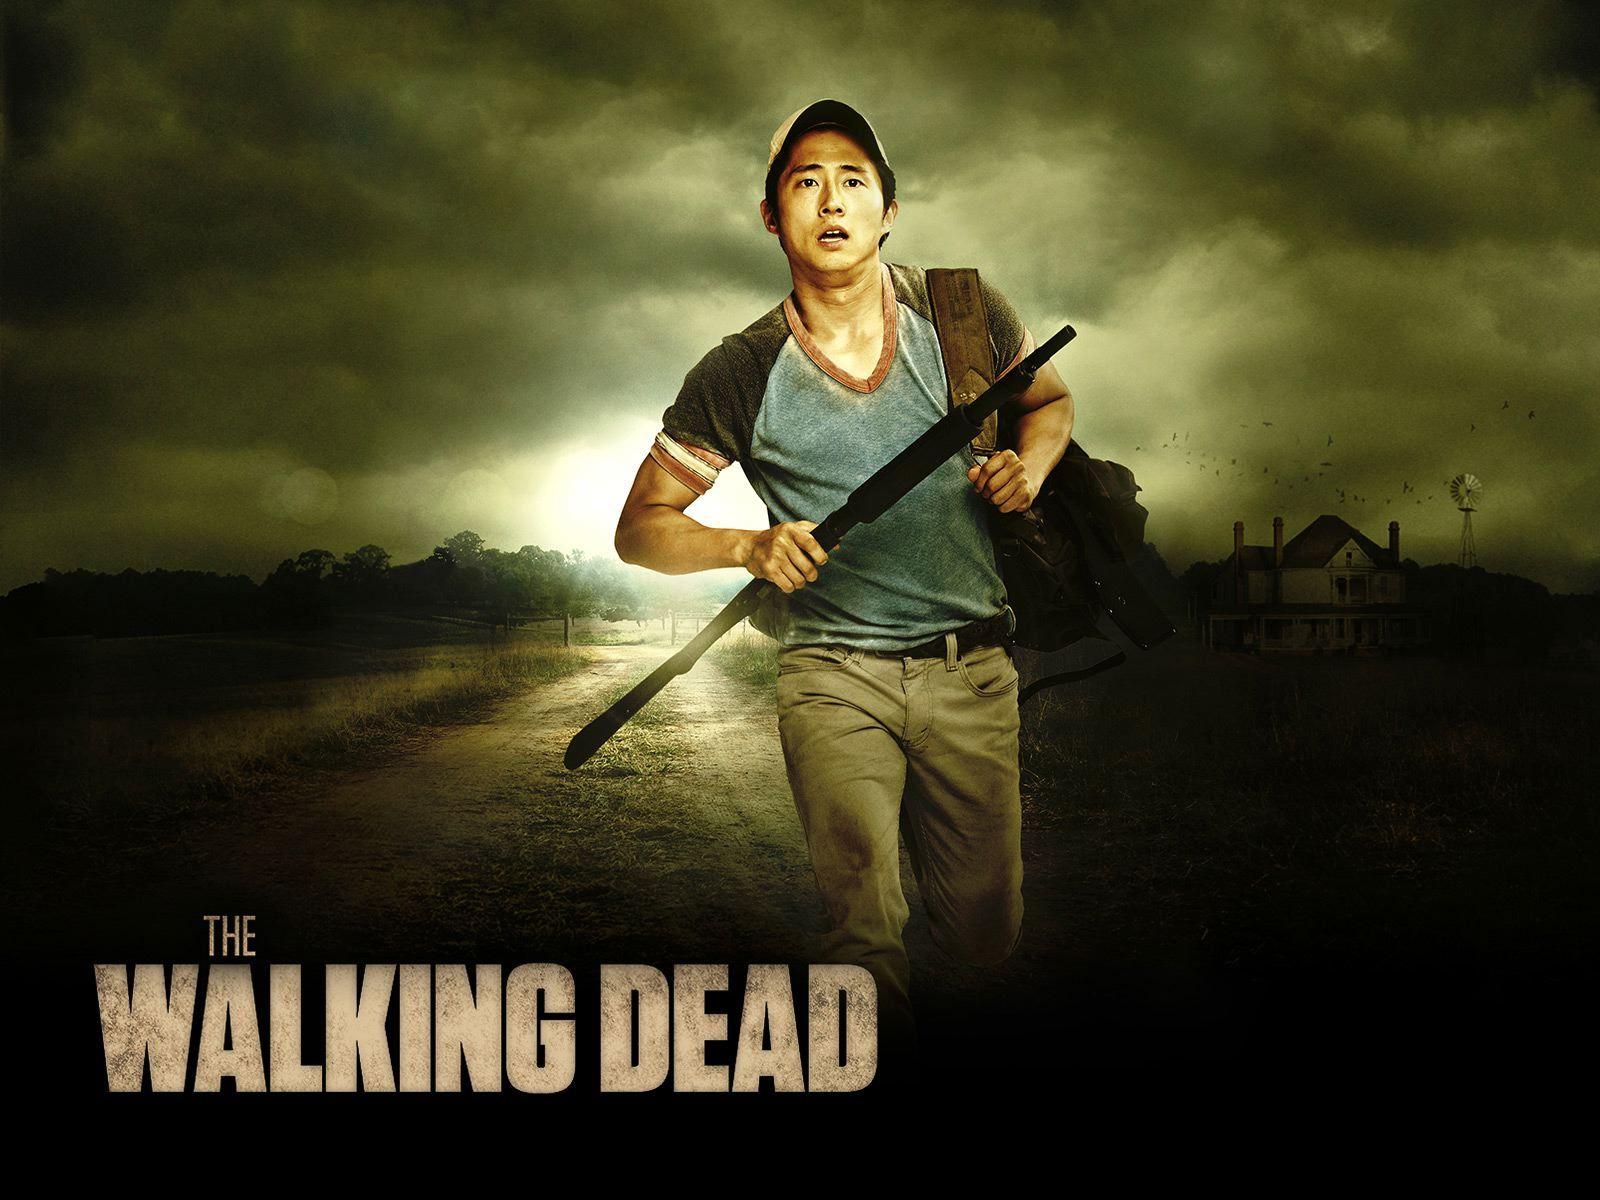 Wallpaper Hd The Walking Dead Glenn Maggie Walking Dead The Walking Dead Poster Walking Dead Wallpaper